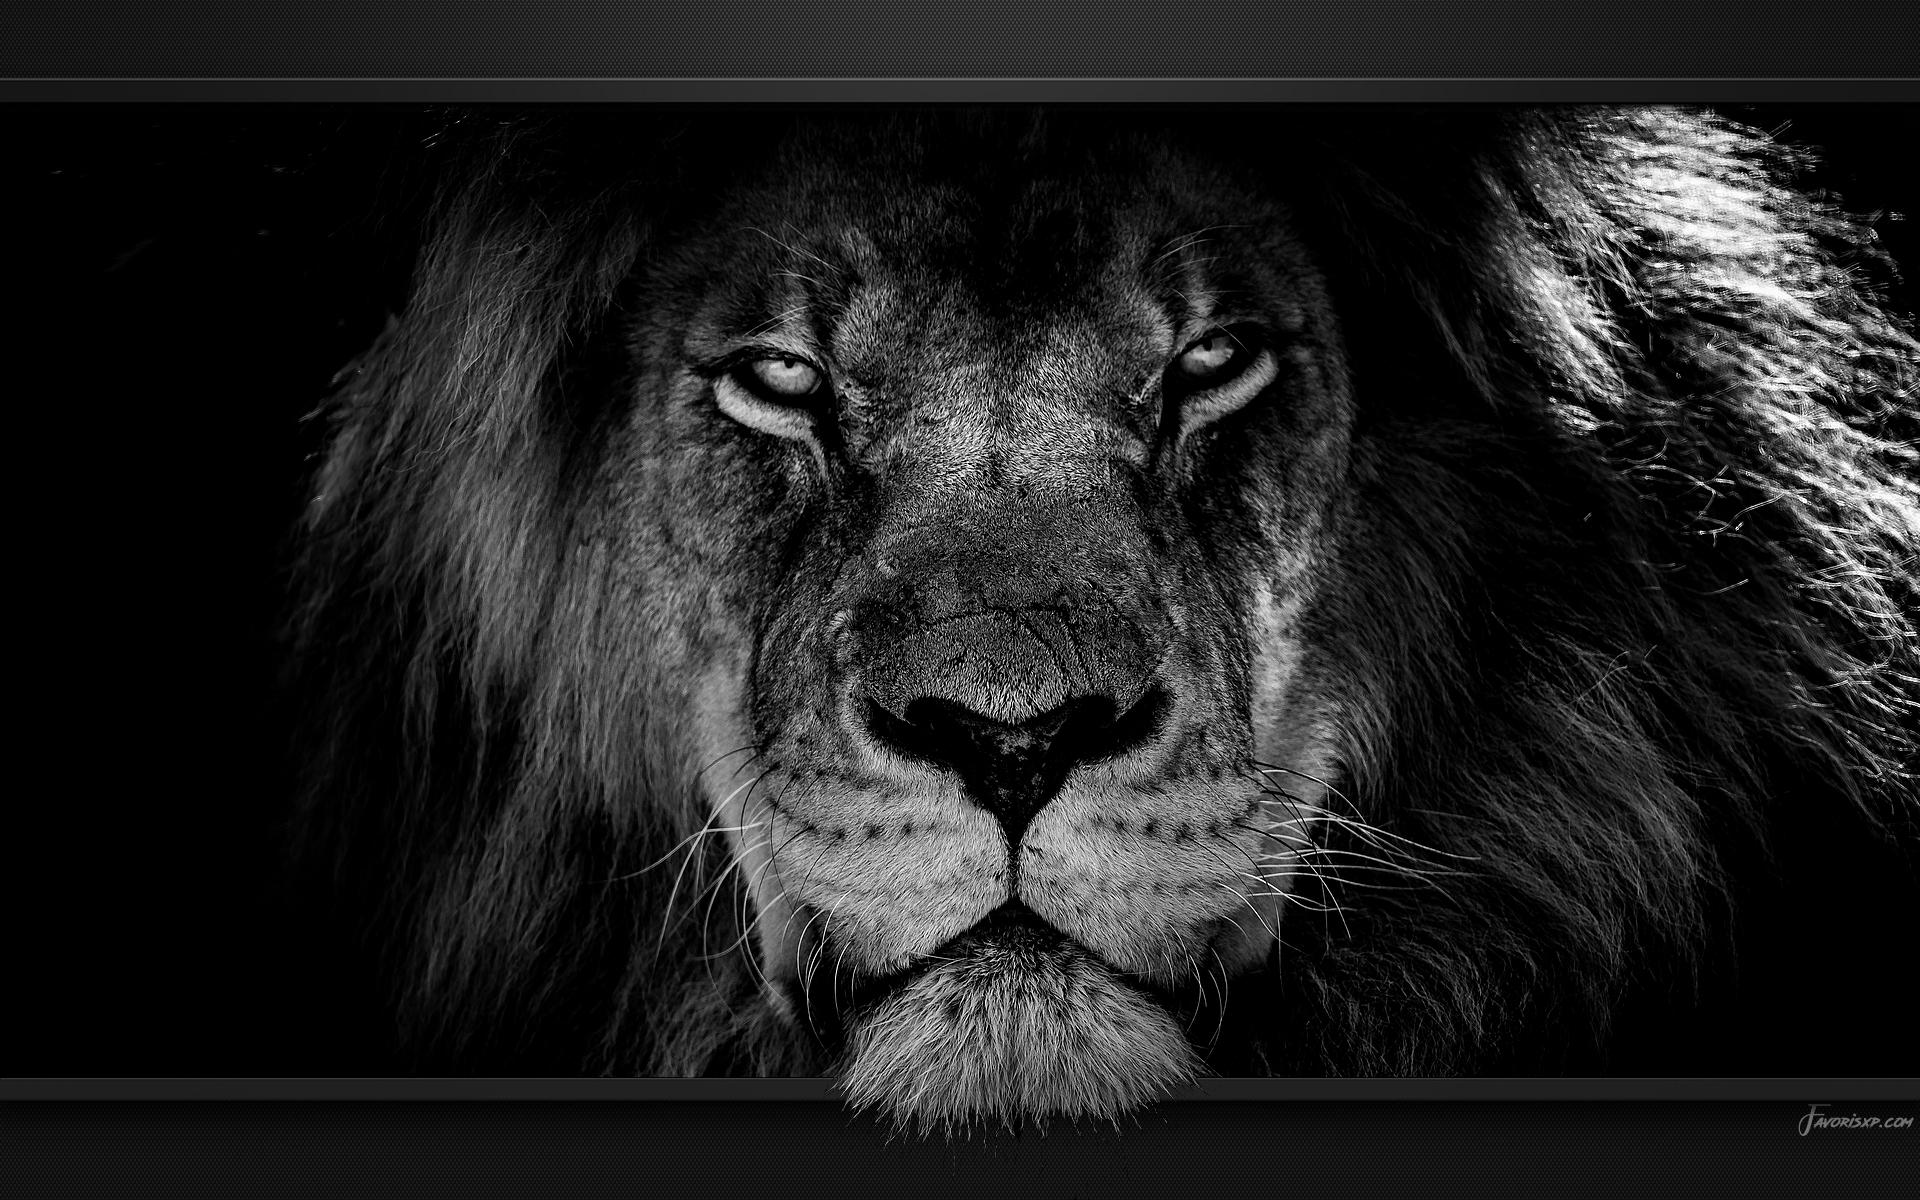 Lions Fonds d'écran - Image arrière-plan - Wallpaper Favorisxp